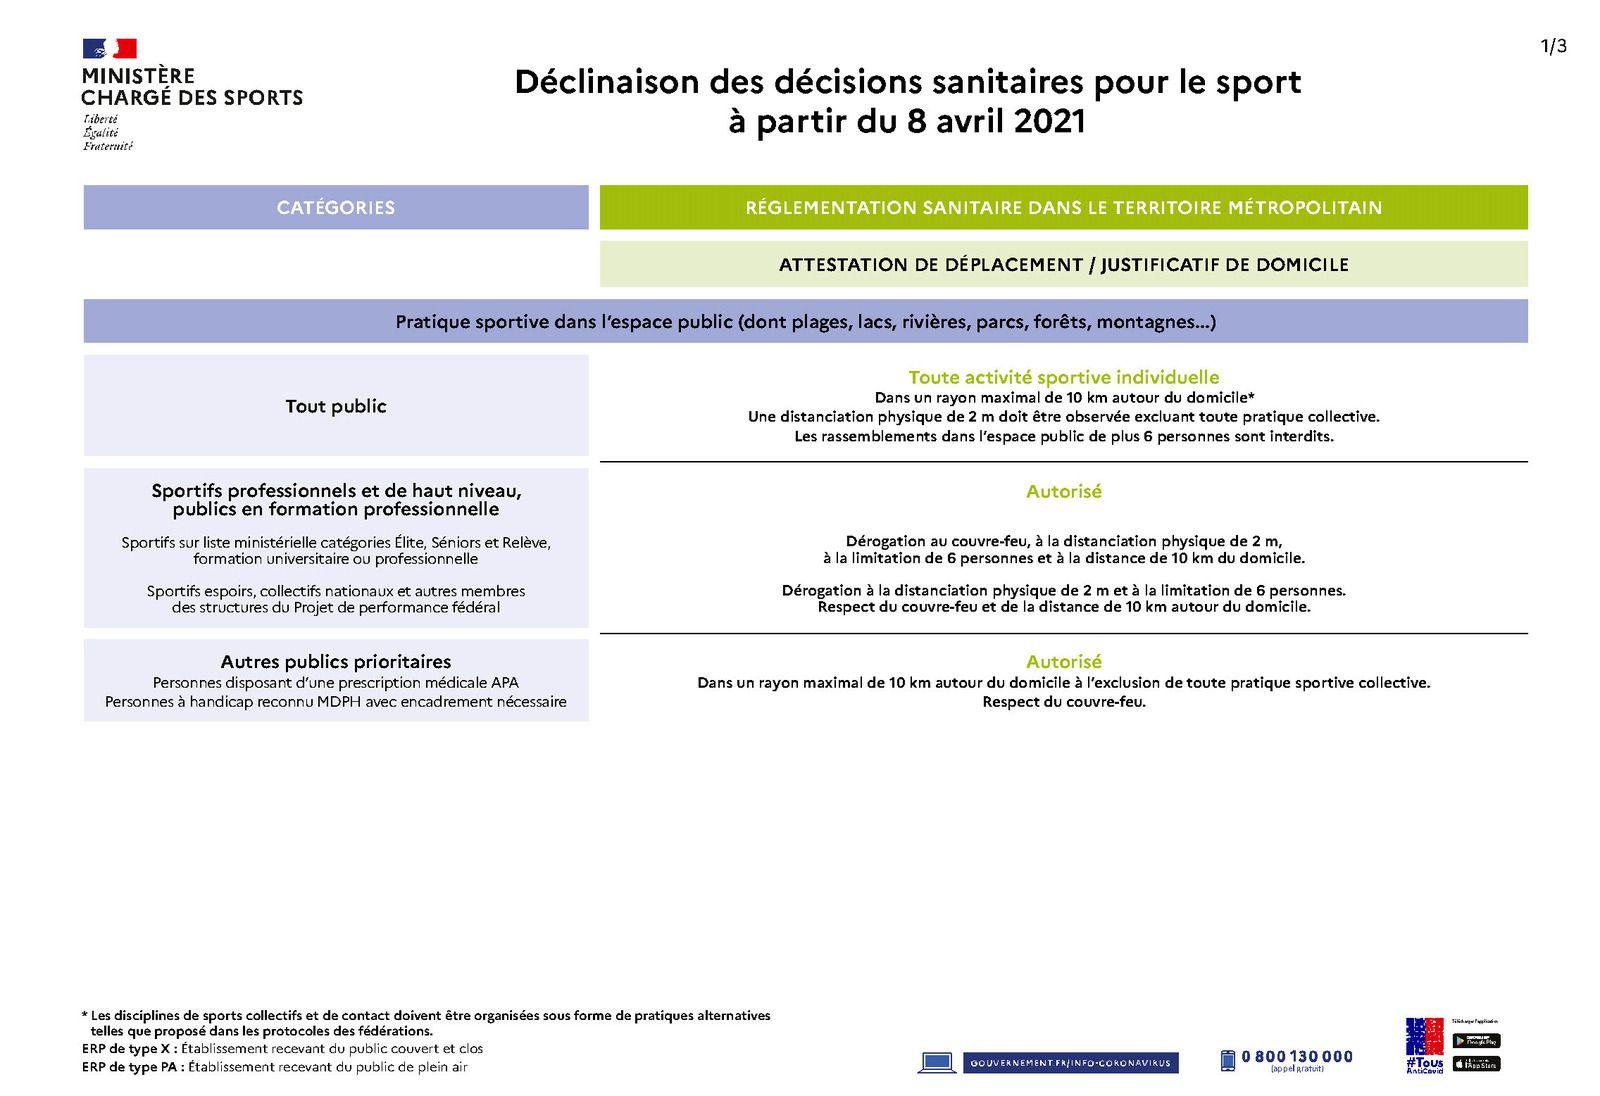 Décisions sanitaires pour le sport à partir du 8 avril 2021